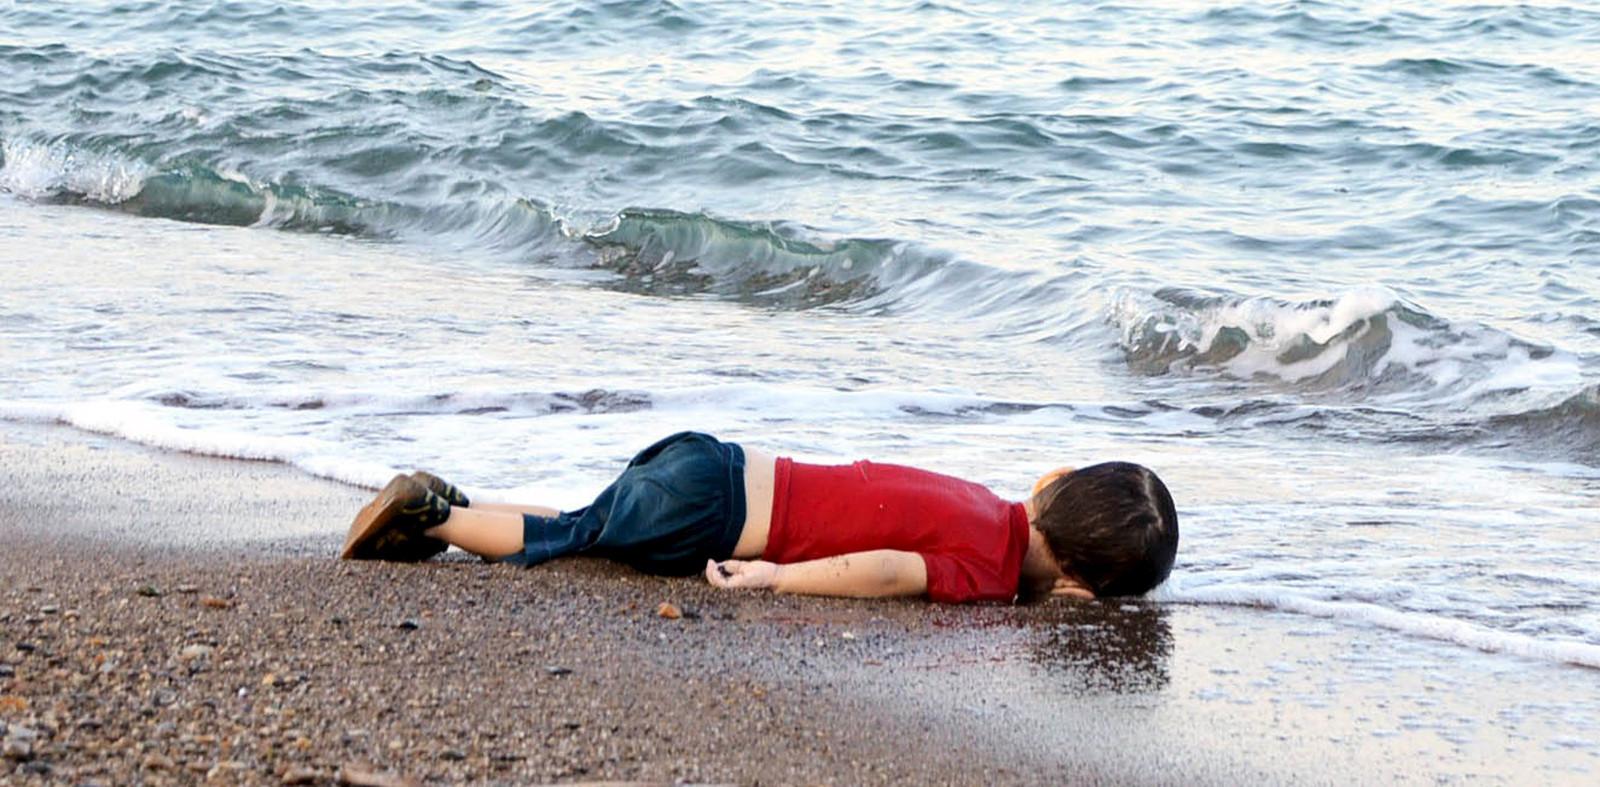 """Dans les heures qui ont suivi le double naufrage, une série de photos d'une des victimes, un bambin âgé de quelques années à peine, a envahi les réseaux sociaux sous le mot-dièse #KiyiyaVuranInsanlik (""""l'humanité échouée"""" en turc)."""